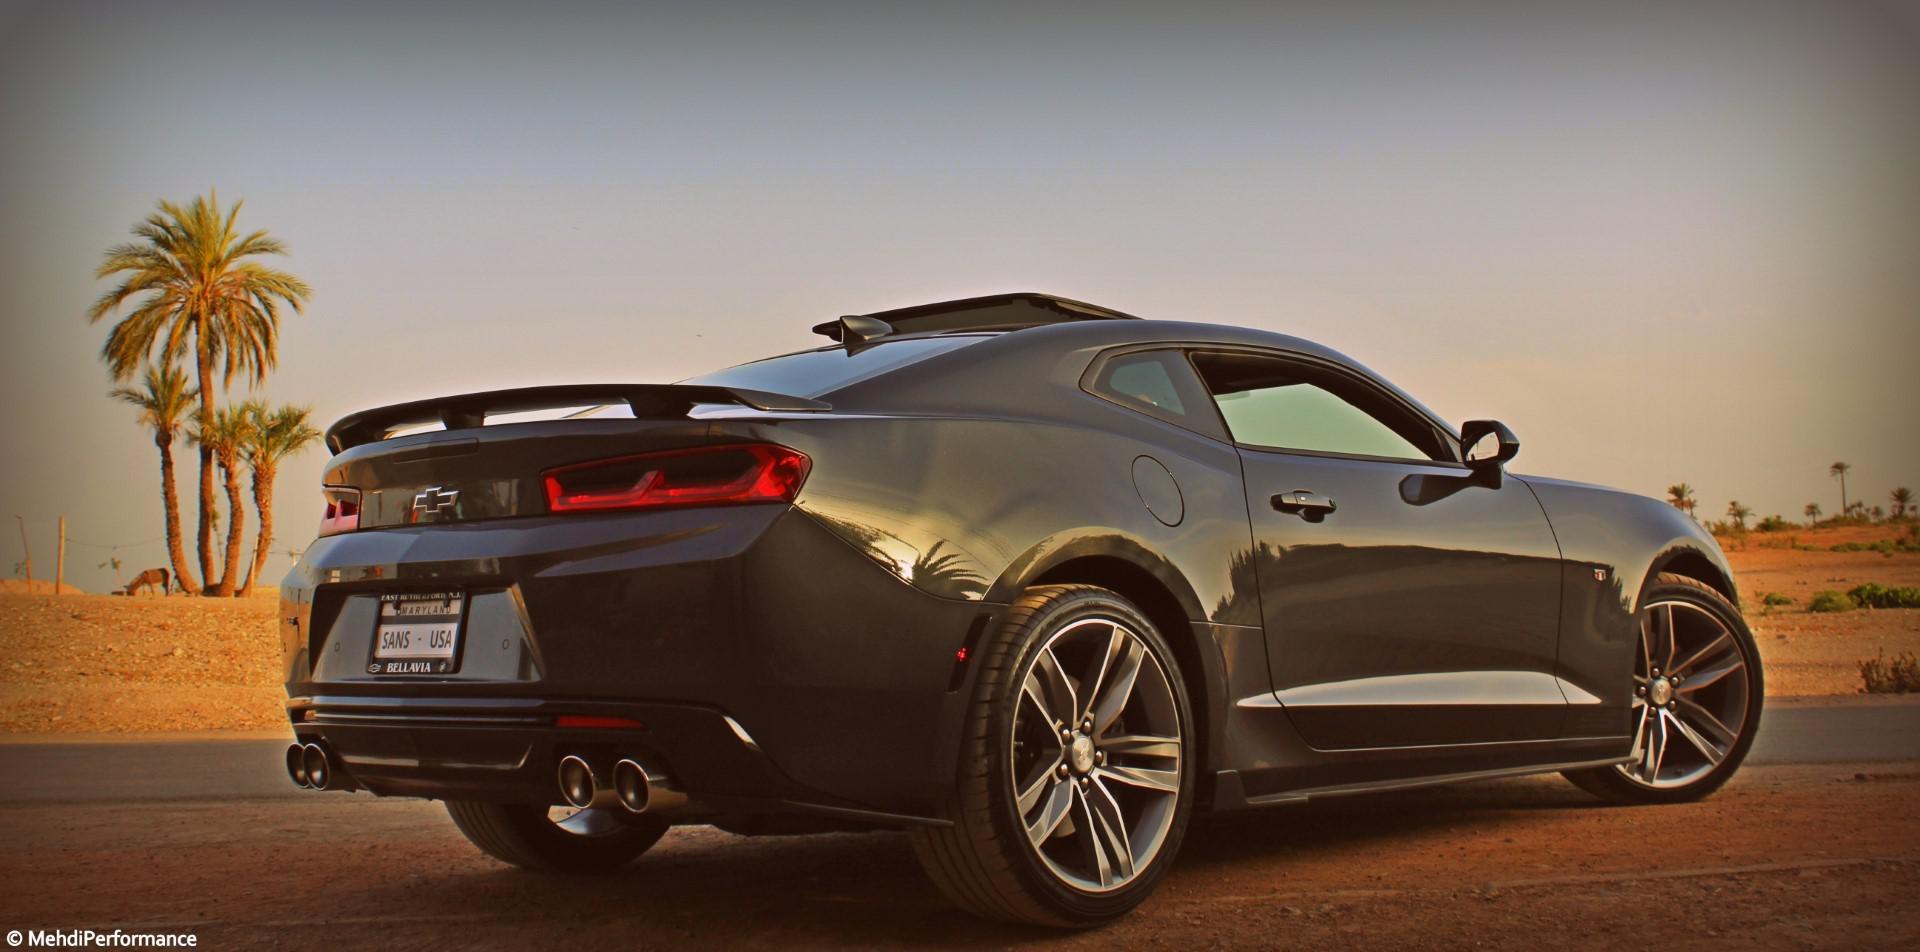 le-premier-et-le-seul-exemplaire-au-maroc-chevrolet-camaro-super-sport-lt1-318-11.jpg